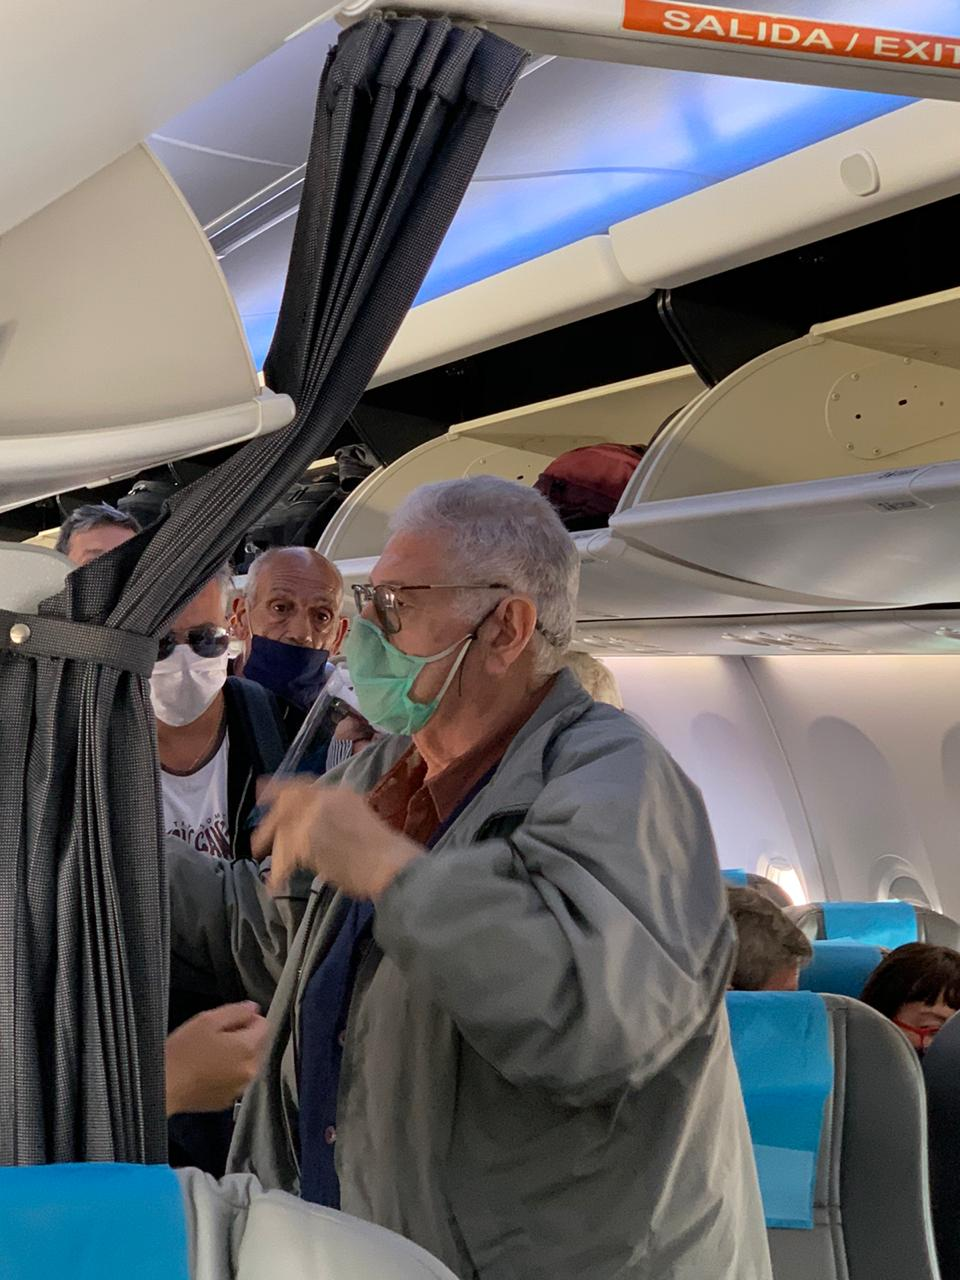 Varias personas mayores iban a bordo del vuelo de este miércoles 18.